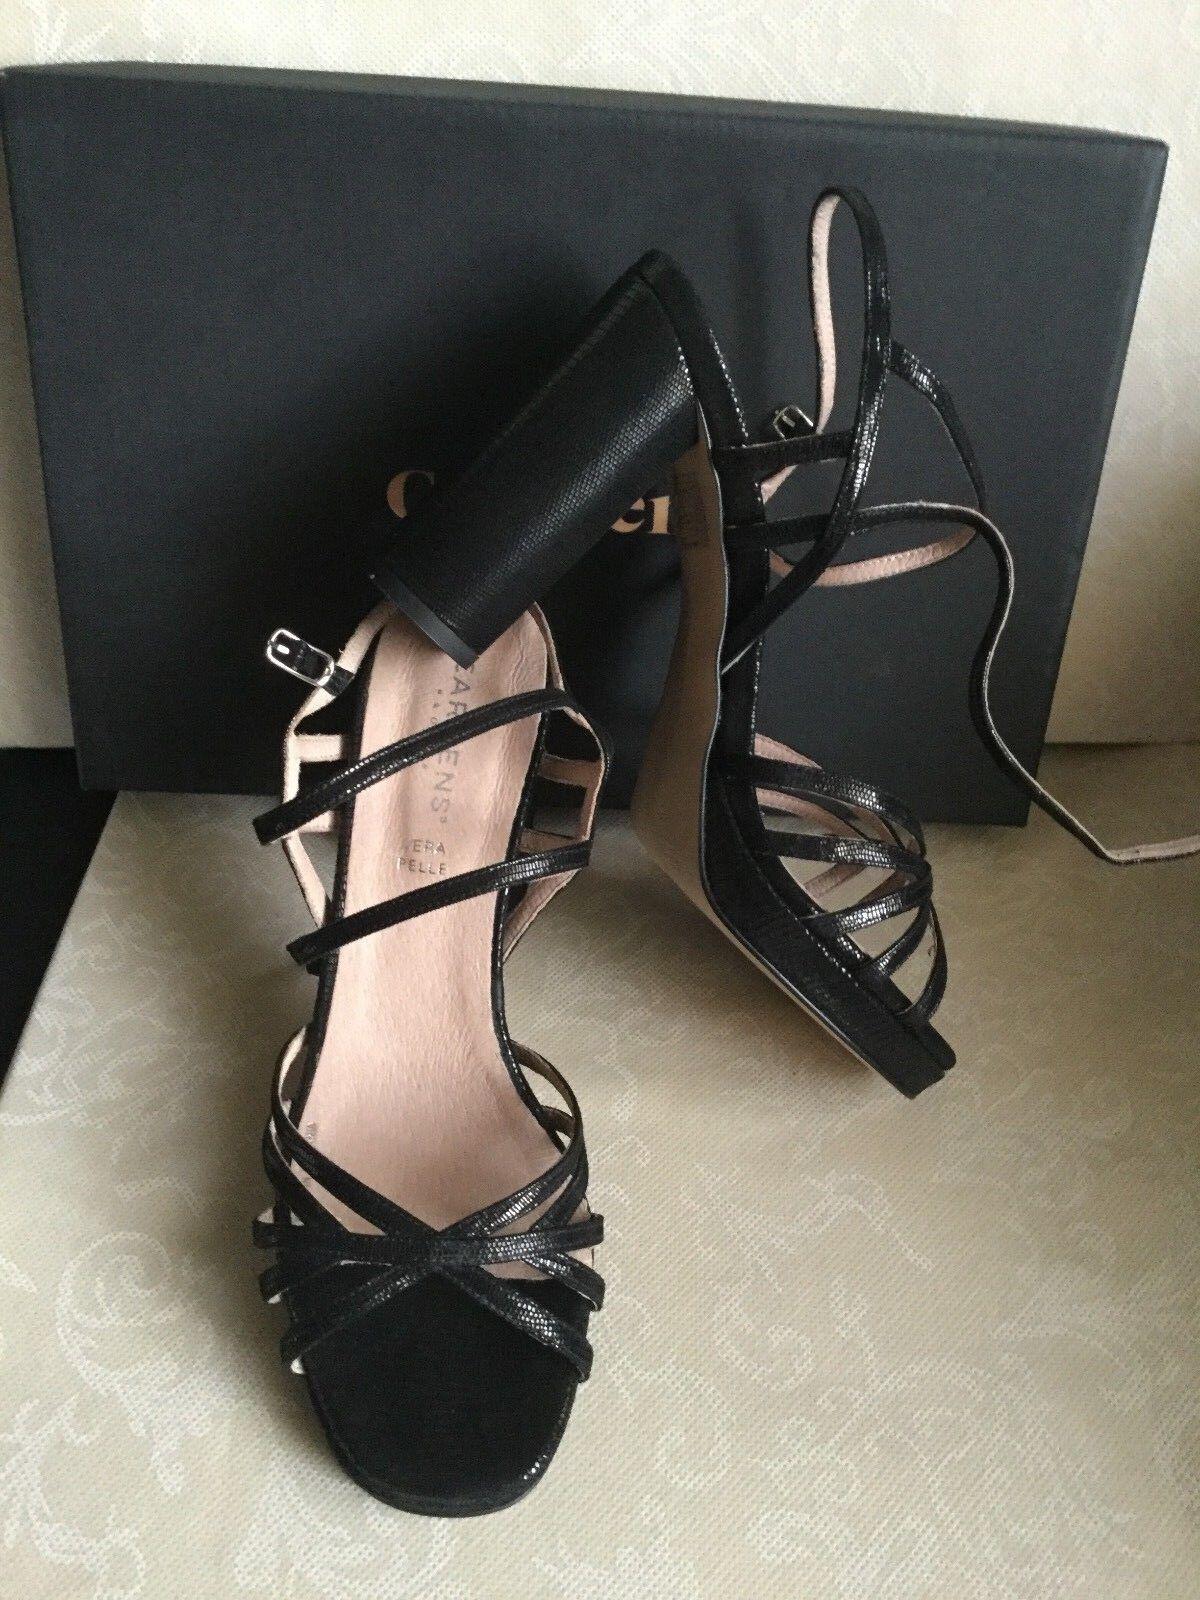 Sandals CARMENS  Woman noir Couleur number 40, leather  Sandali femmes Couleure noir